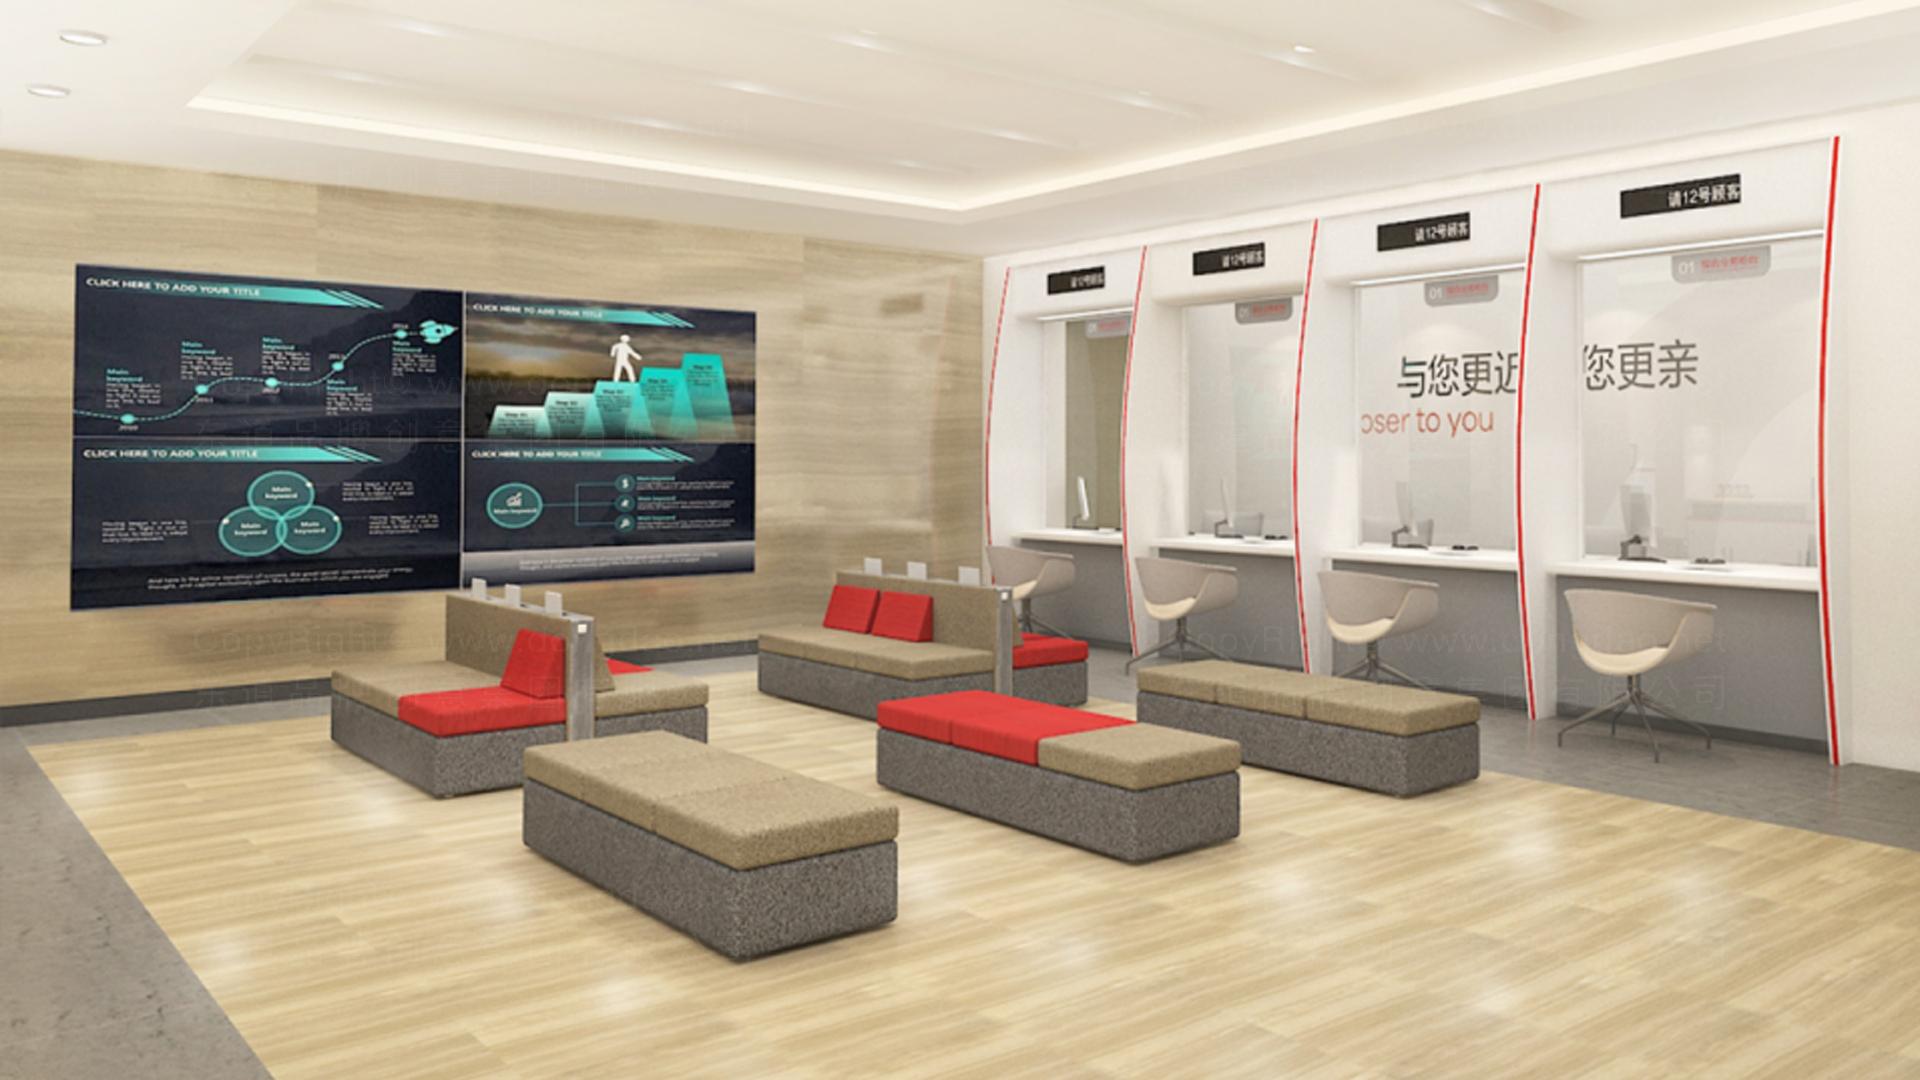 商业空间&导示东莞银行自助网点SI设计应用场景